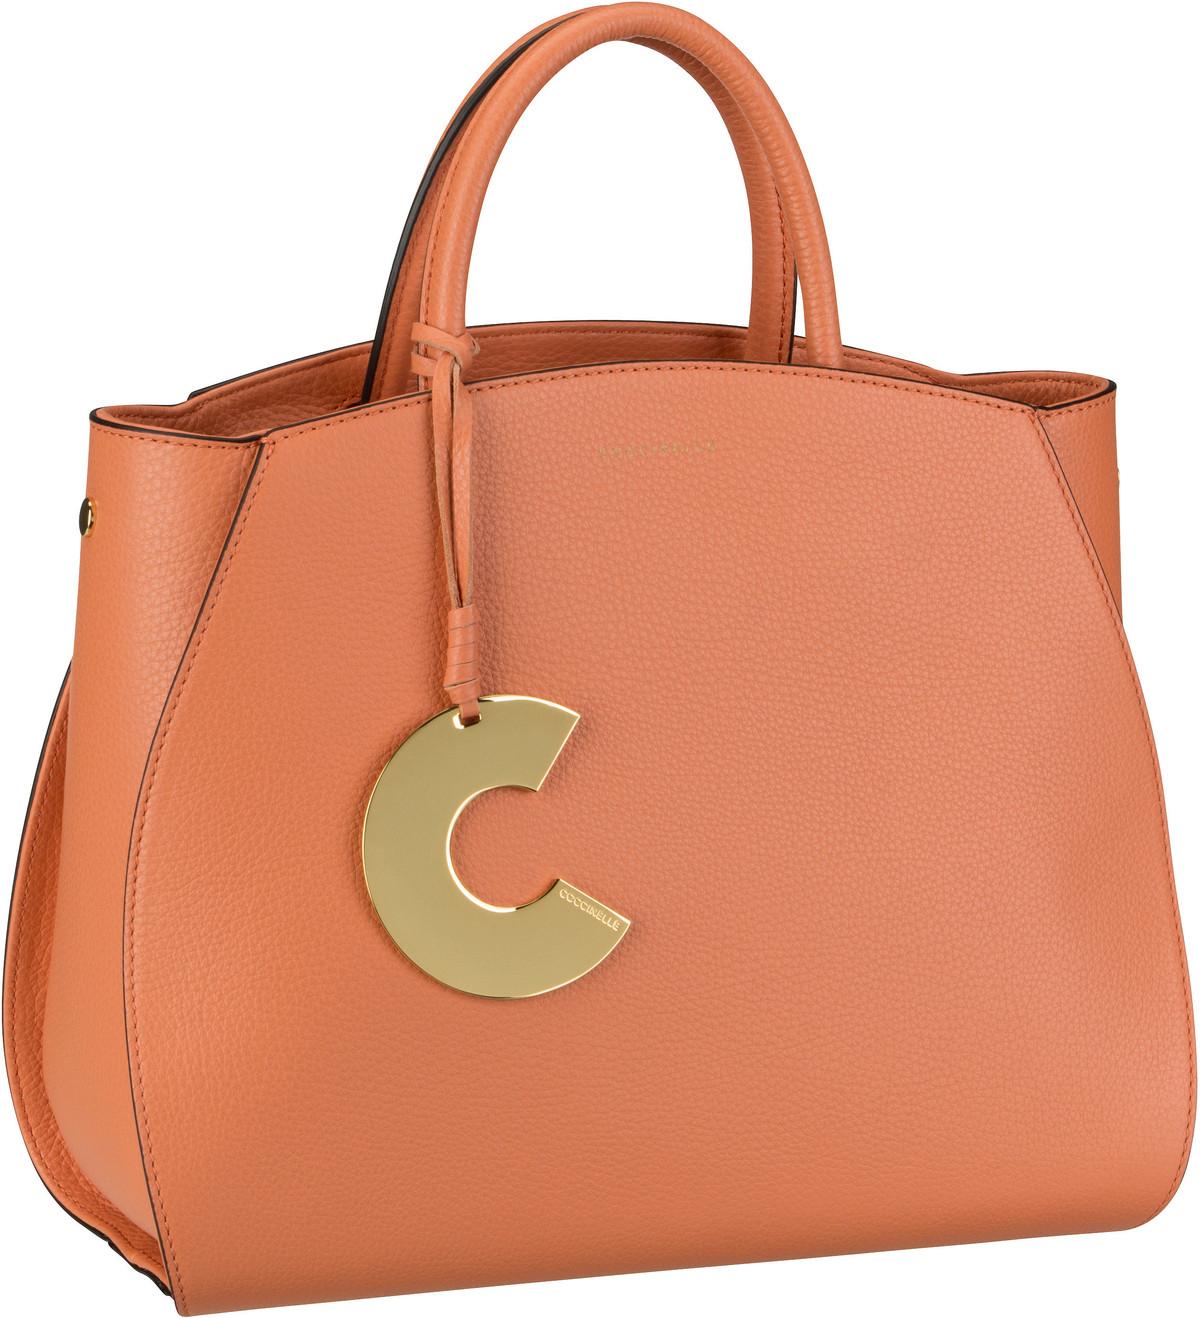 Handtasche Concrete 1801 Peach